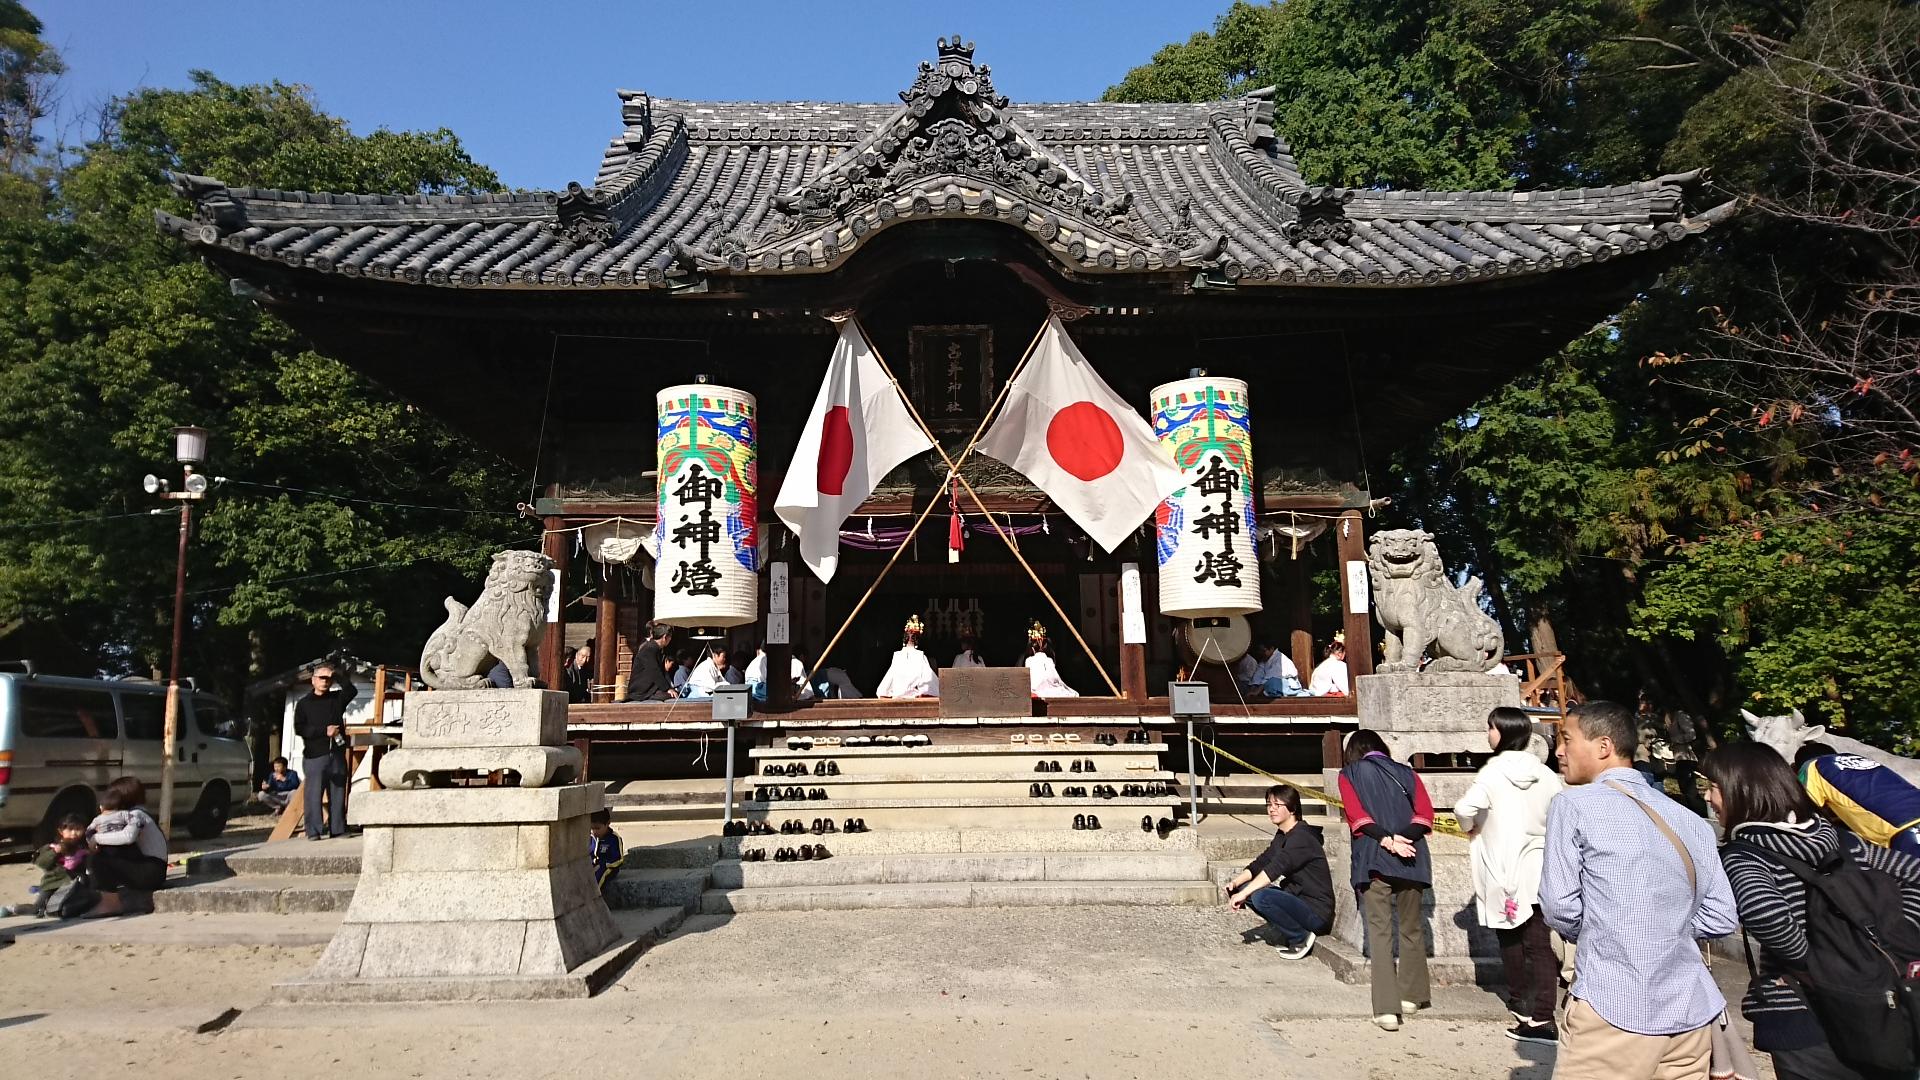 2016.11.6 古井神社大祭 (1)